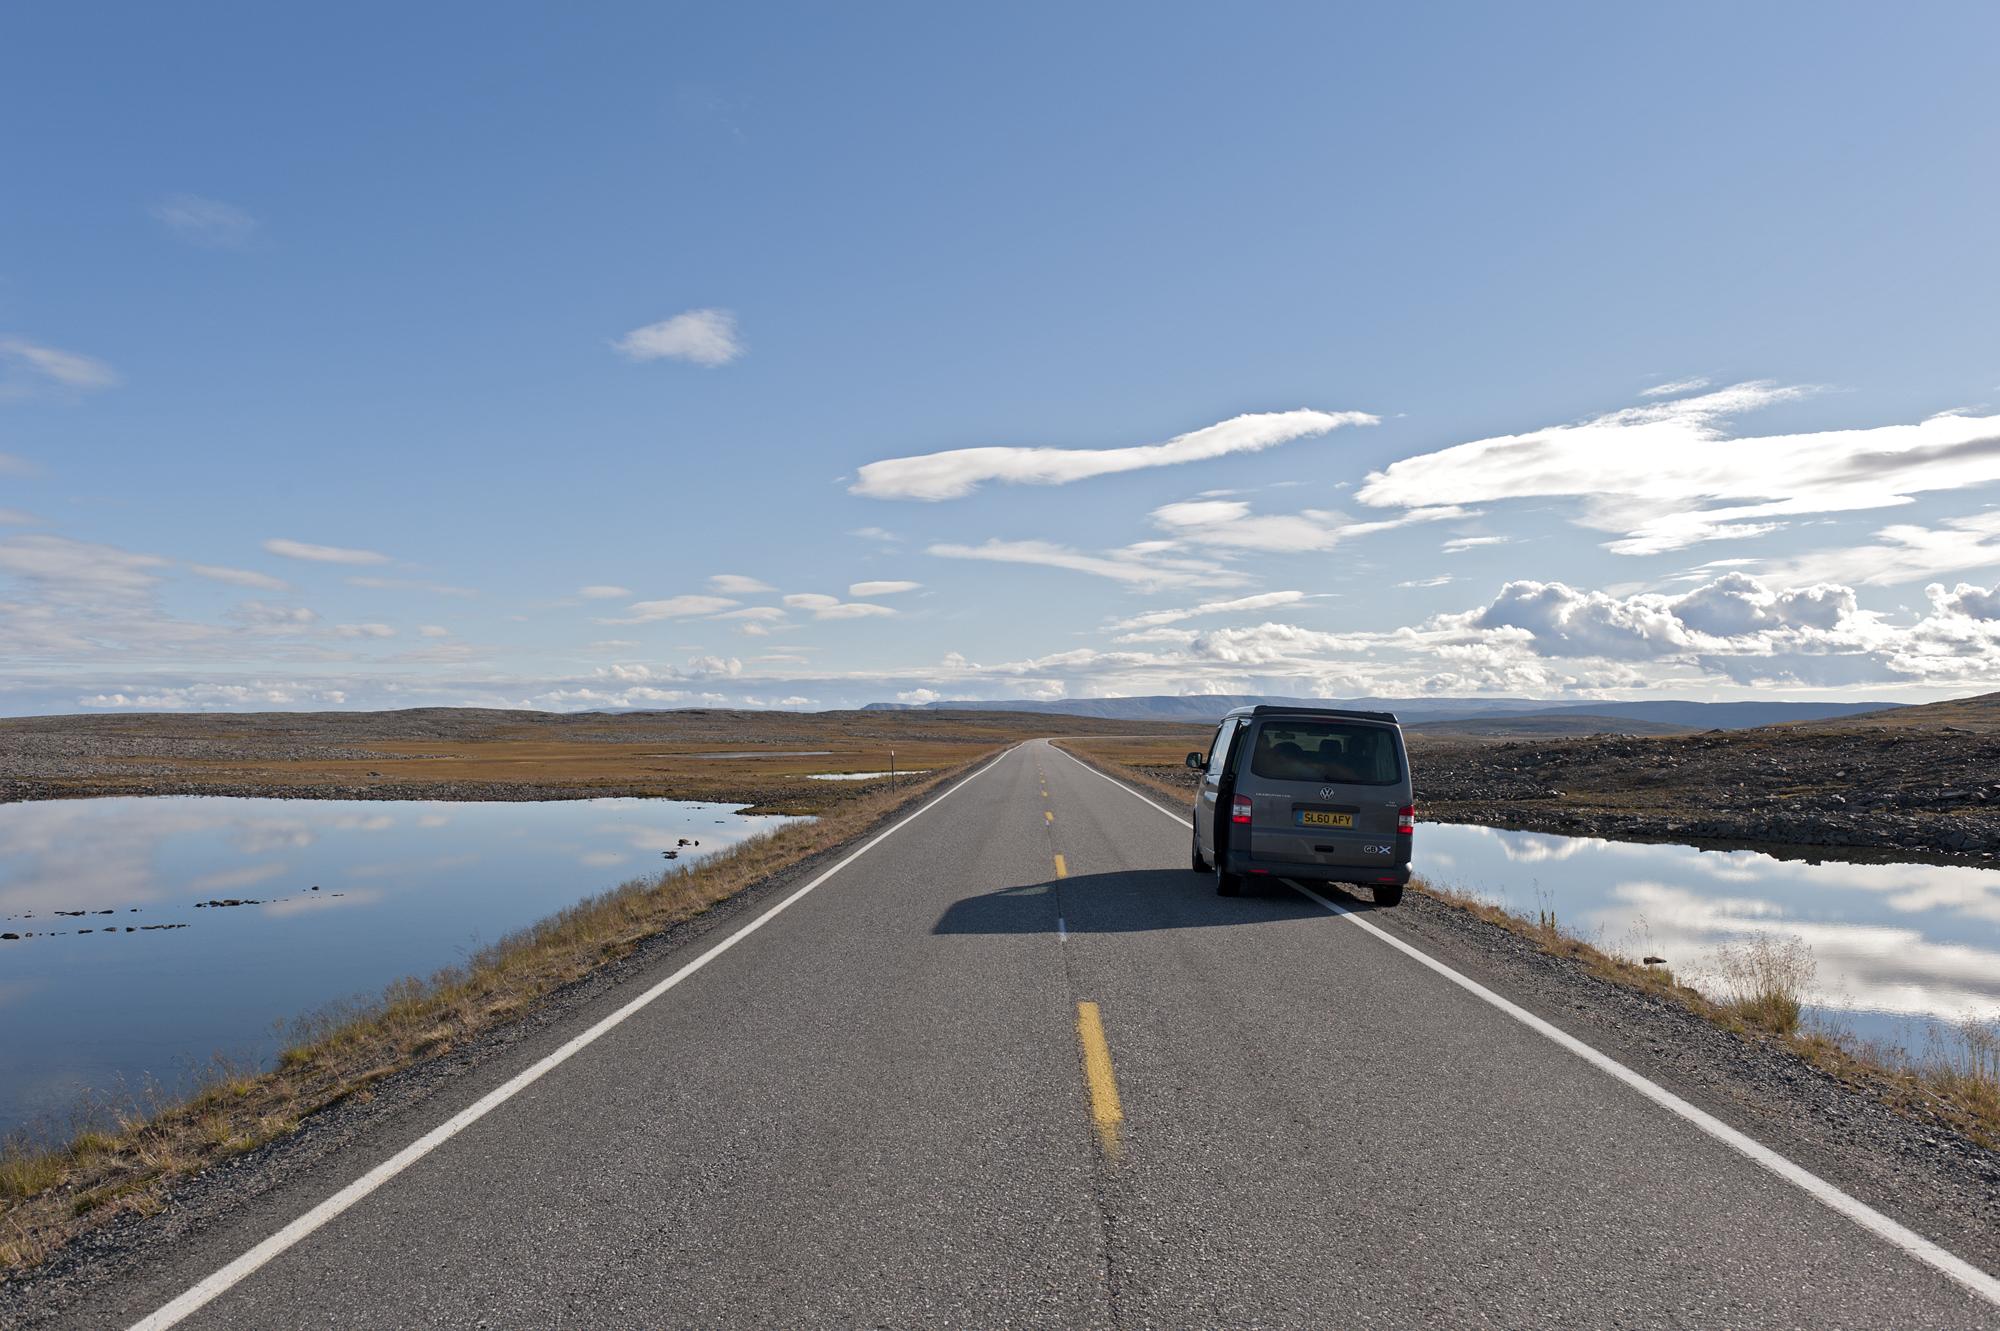 campervan road trip